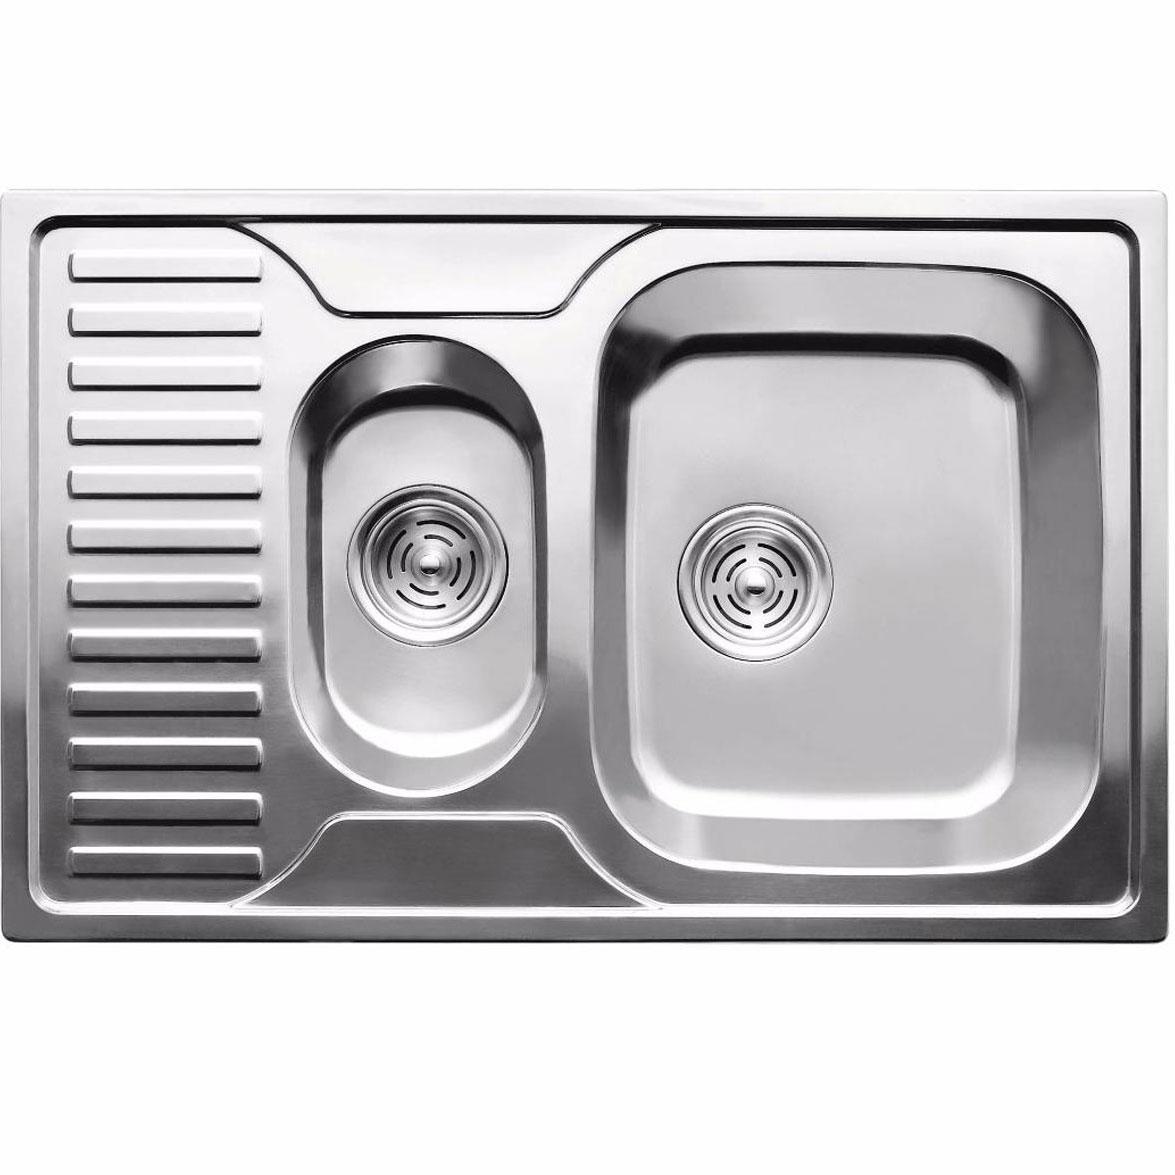 Кухонные мойки ULA Кухонная мойка из нержавеющей стали ULA HB 7301 ZS Satin